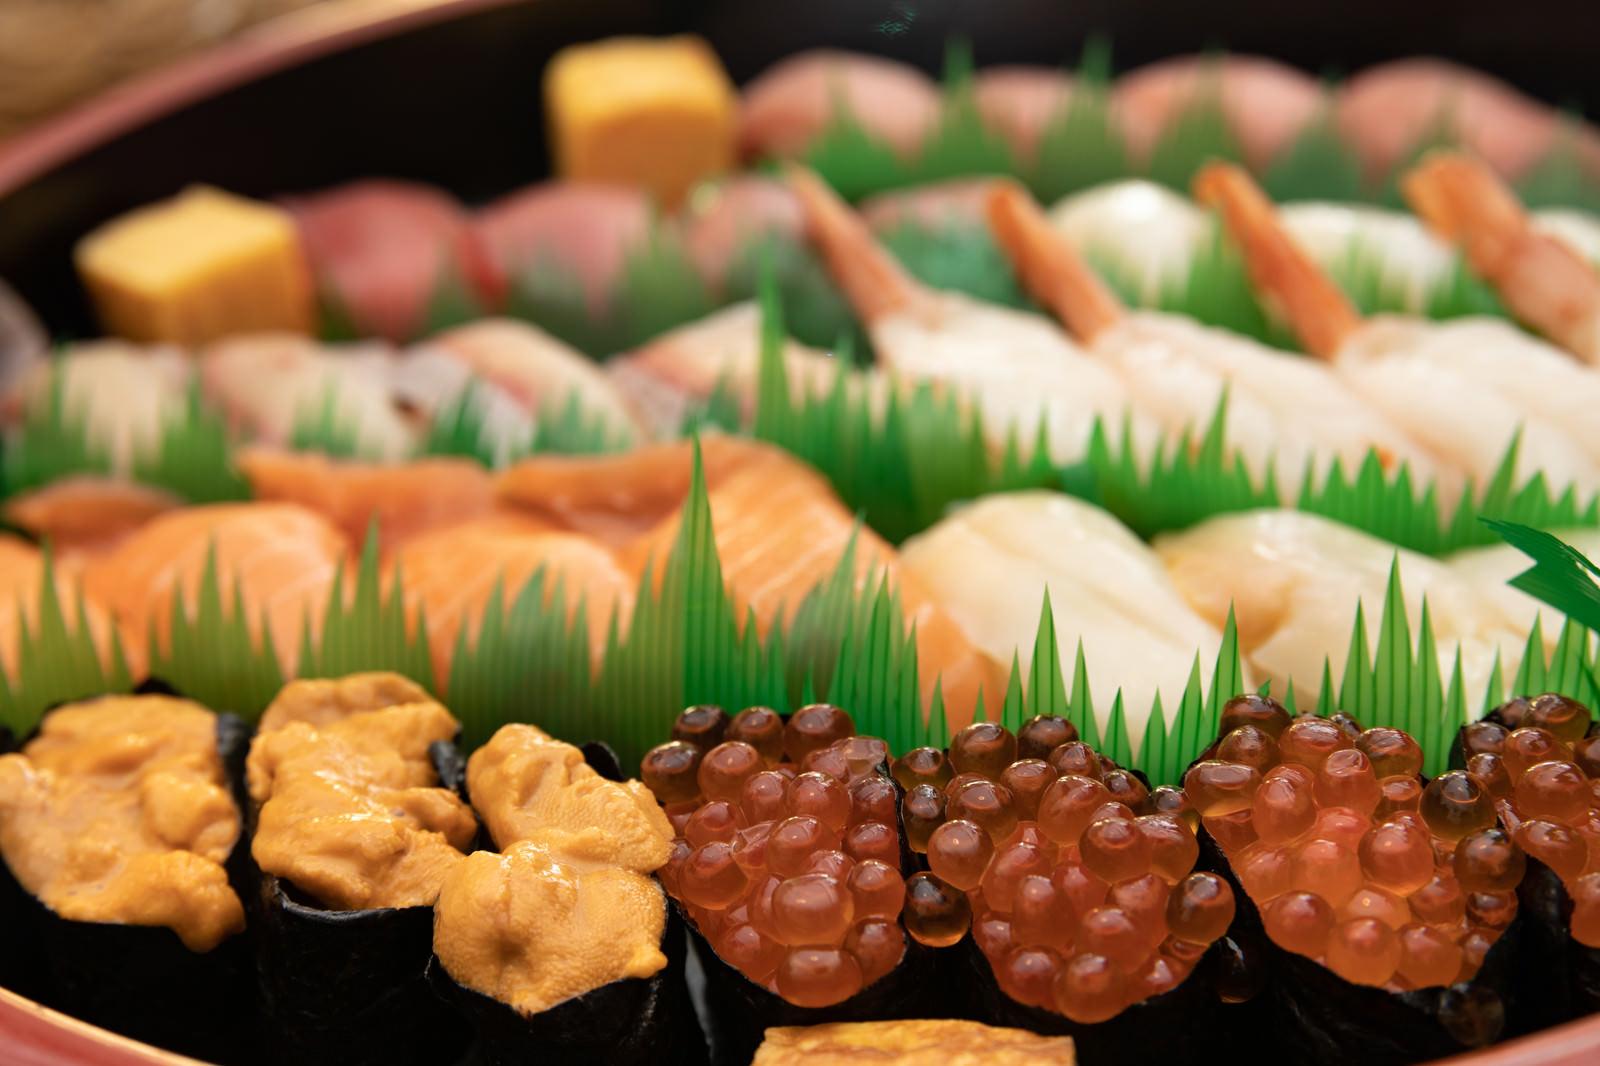 「ウニとイクラが入った出前寿司」の写真